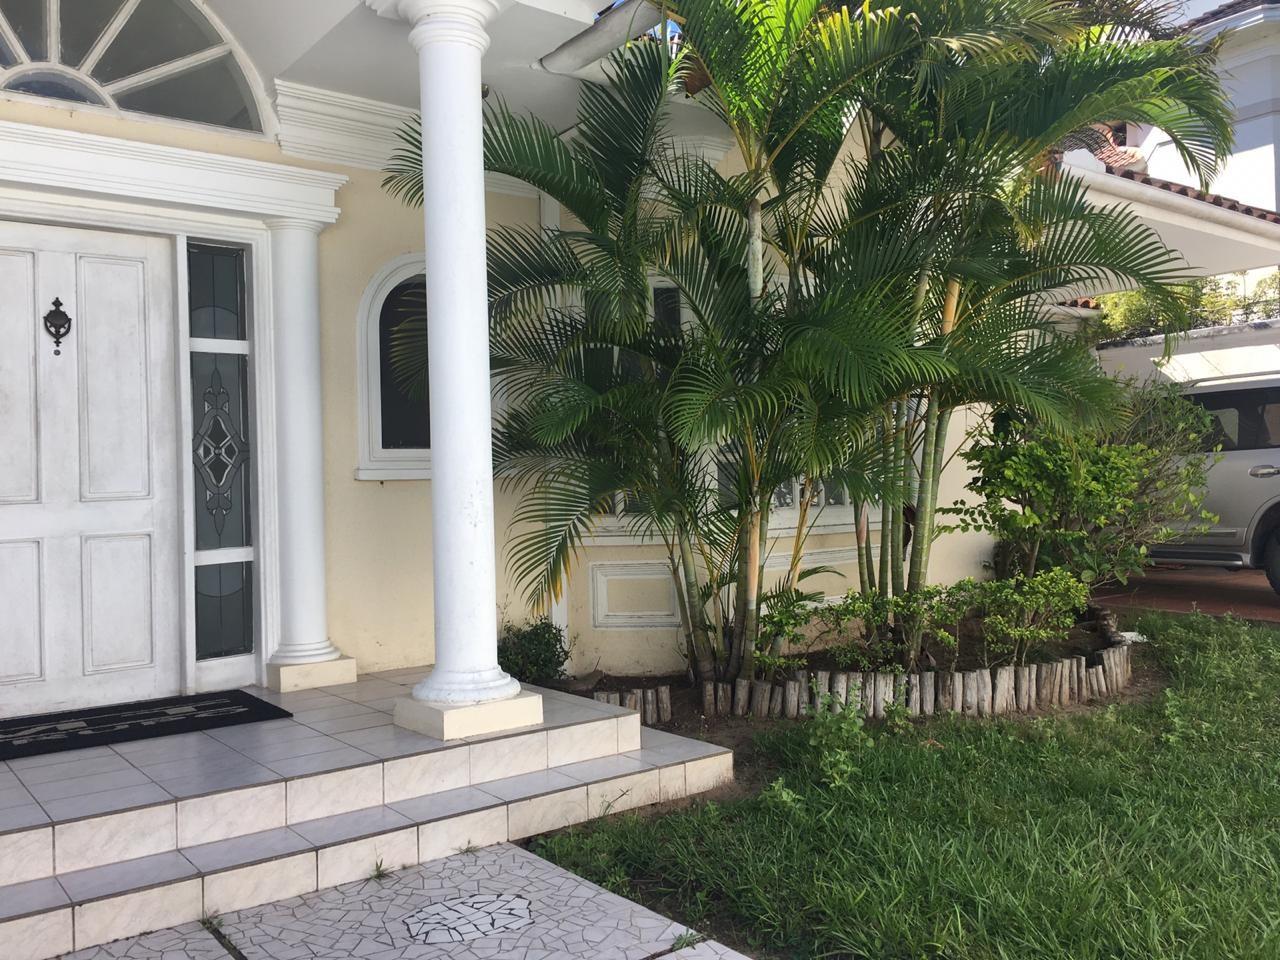 Casa en Alquiler EQUIPETROL SIRARI  CALLE LOS PINOS  Foto 1